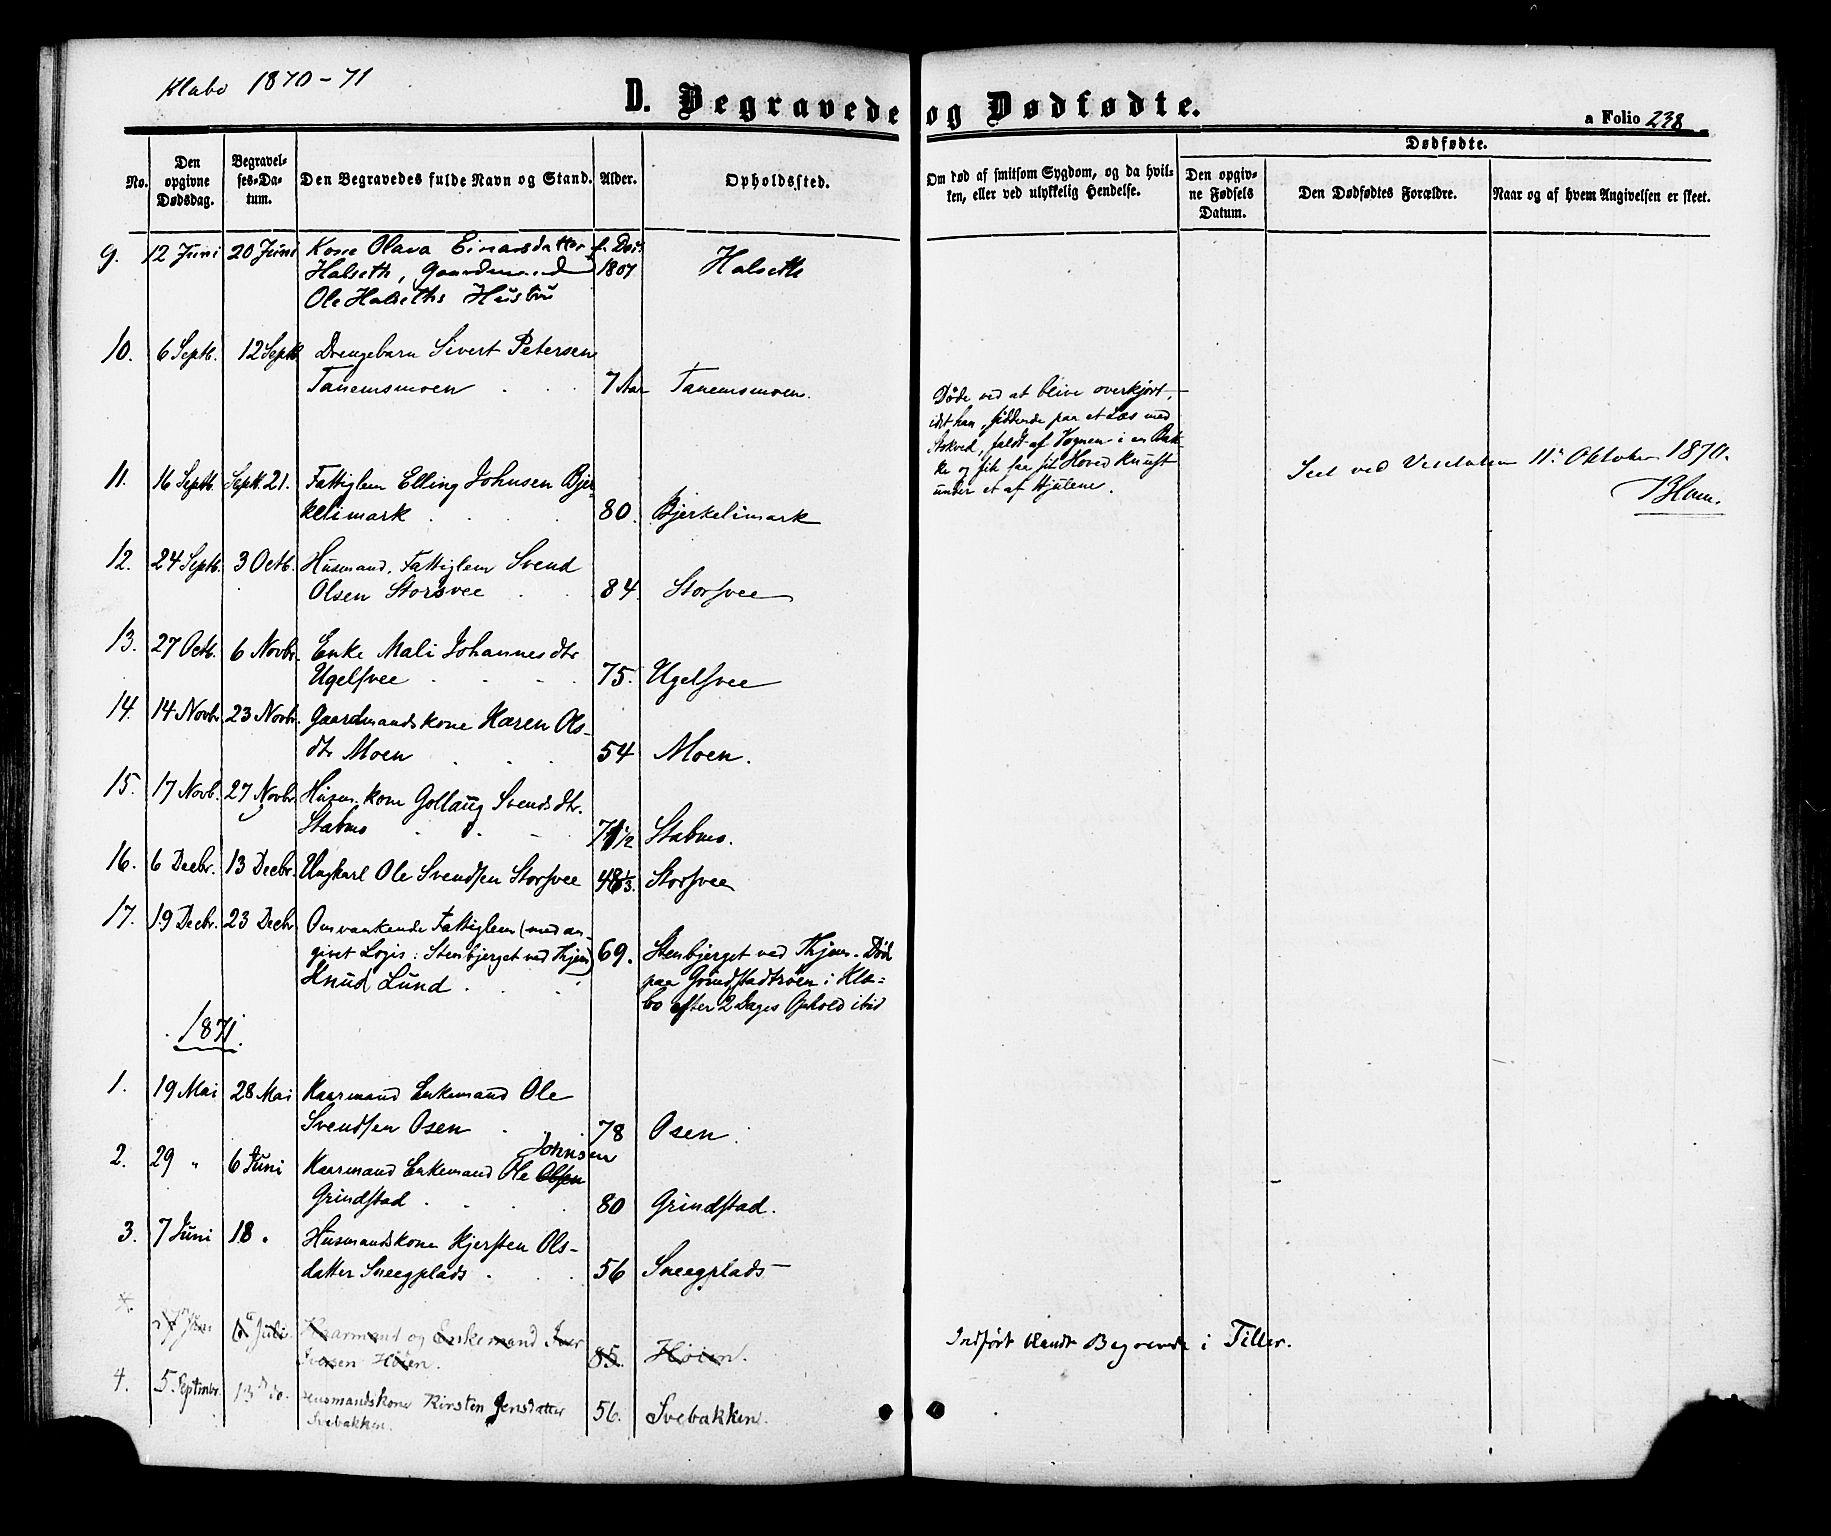 SAT, Ministerialprotokoller, klokkerbøker og fødselsregistre - Sør-Trøndelag, 618/L0442: Ministerialbok nr. 618A06 /1, 1863-1879, s. 238